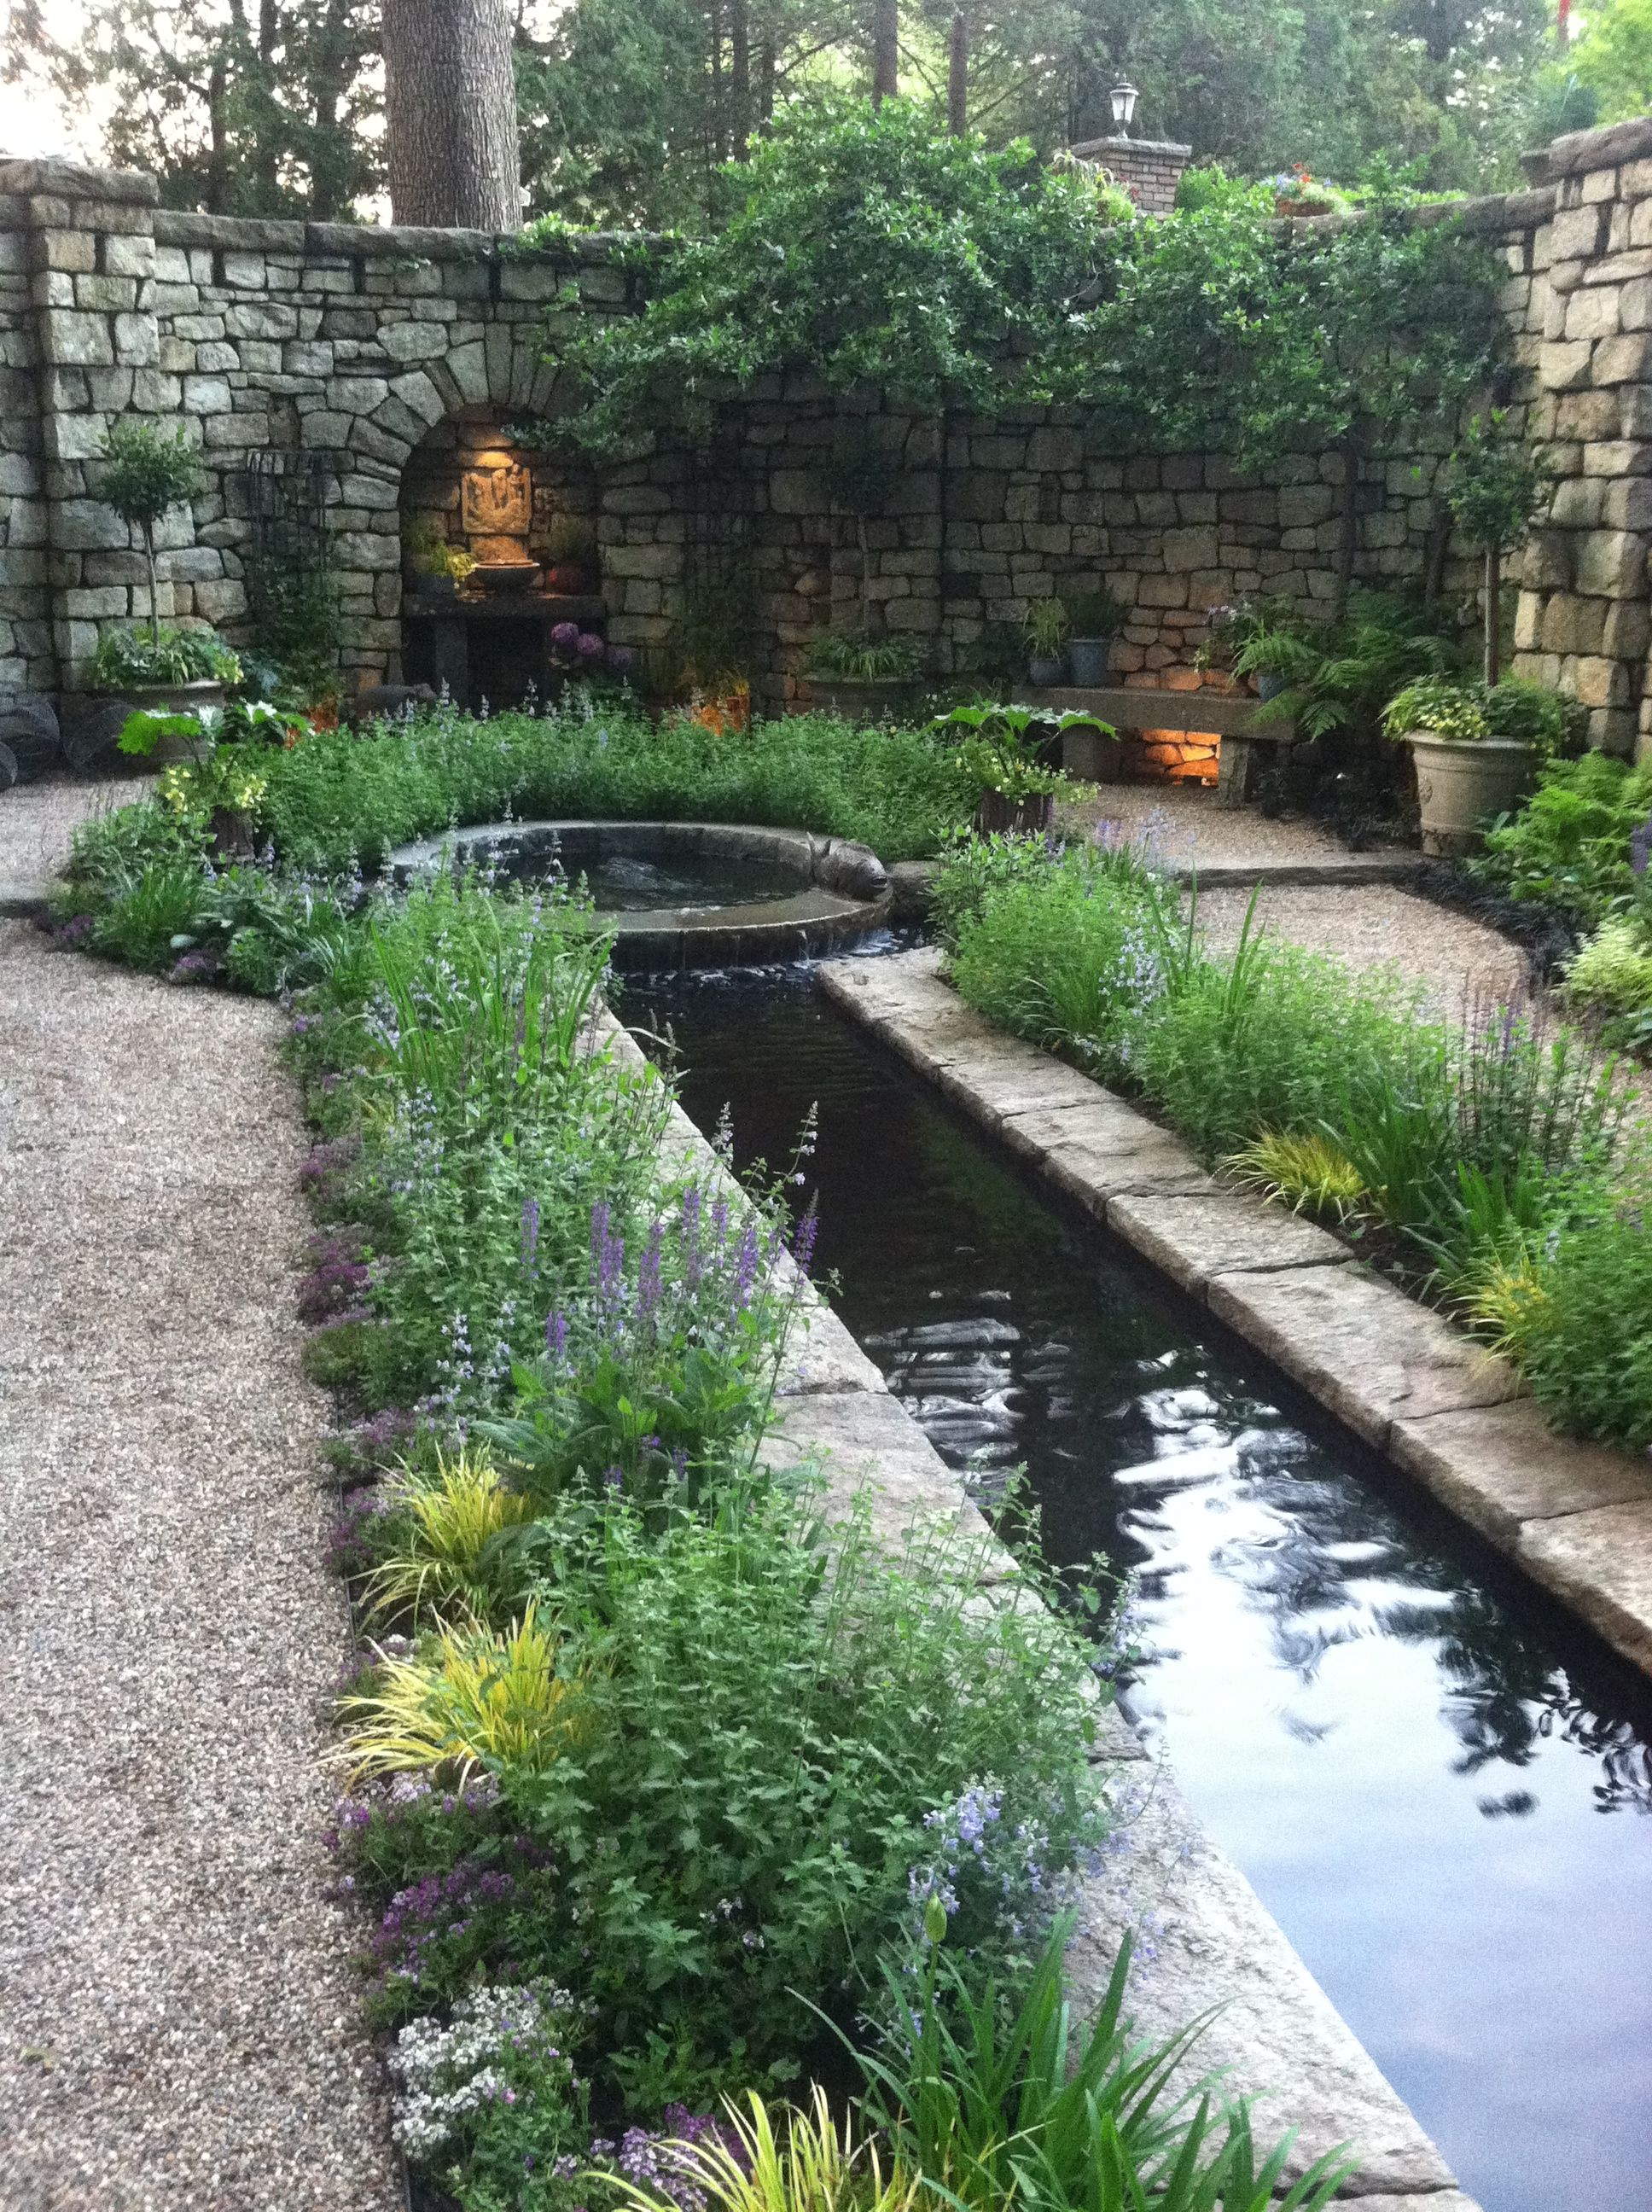 Our Garden at Dusk Cording Landscape Design NJ mansioninmay